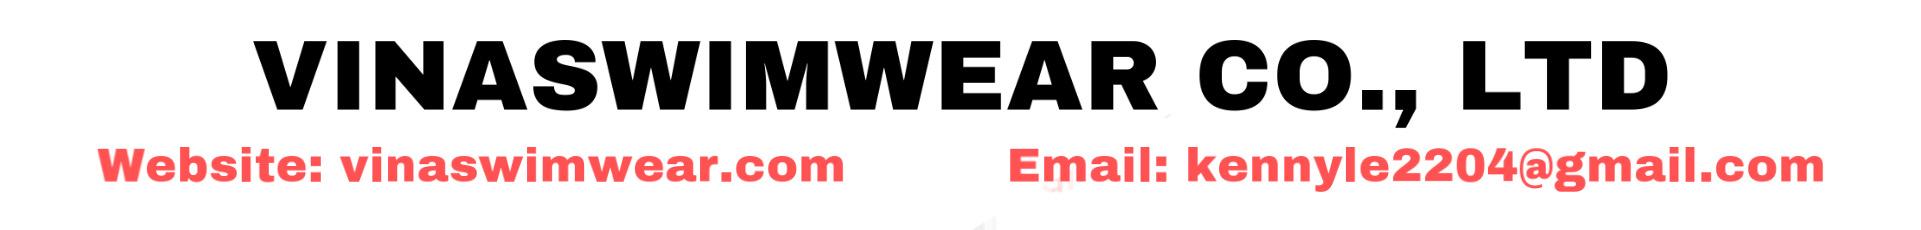 vinaswimwear.com